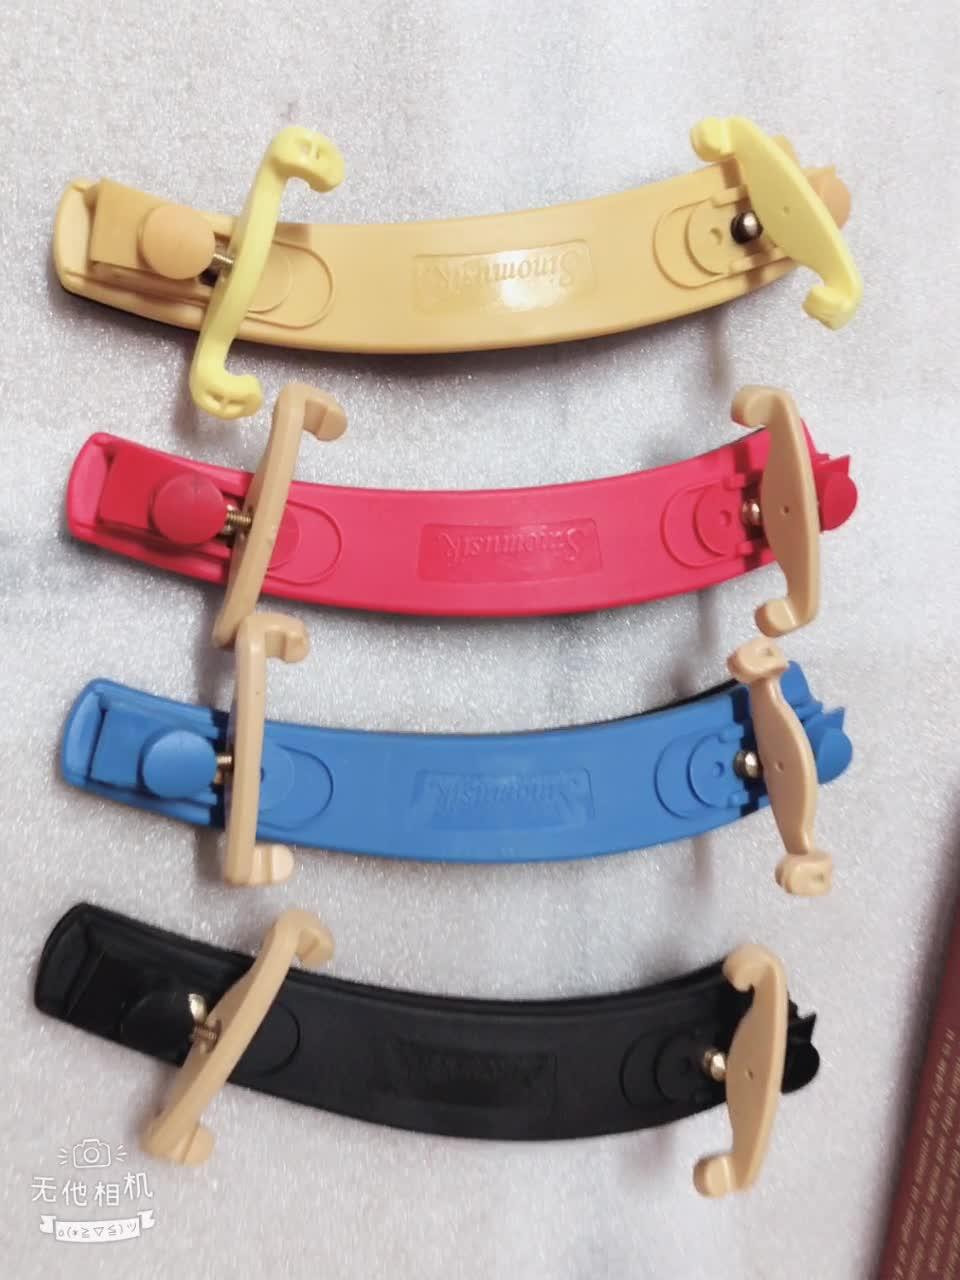 Wholesale Best Colorful Adjustable Custom Brand 4/4 Violin Shoulder Rests